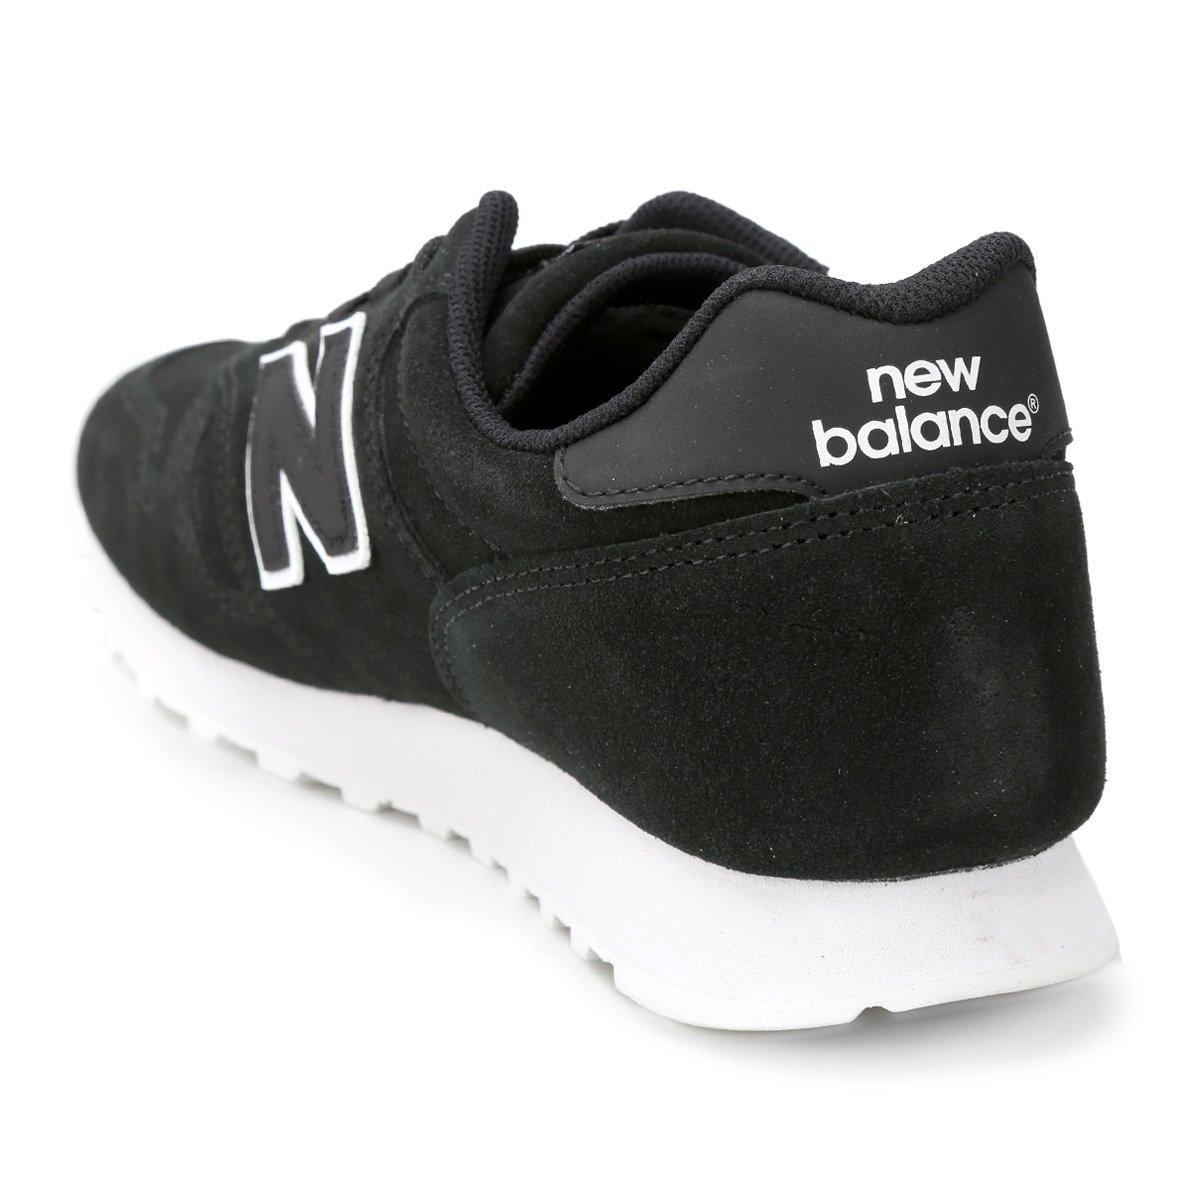 tênis new balance 373 lifestyle couro off white